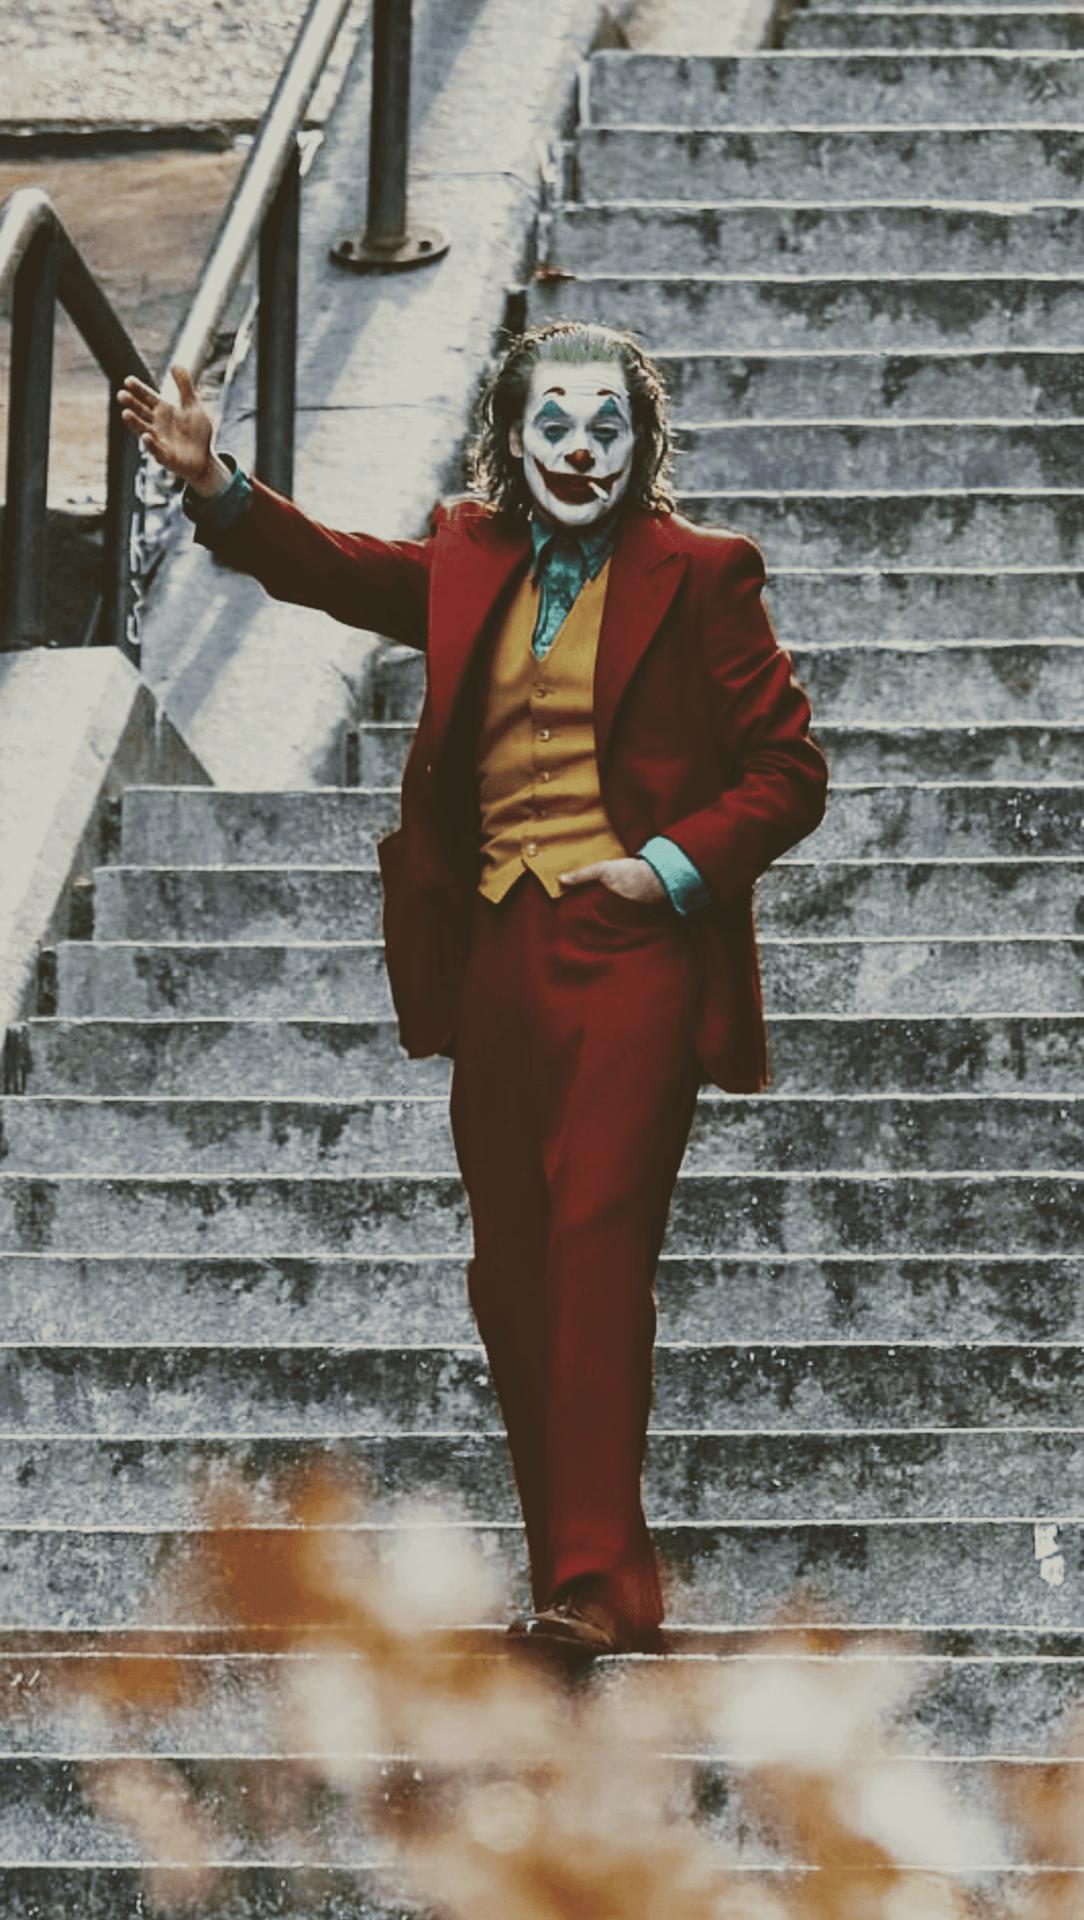 Joaquin Phoenix The Joker Movie 2019 Wallpapers Wallpaper Cave